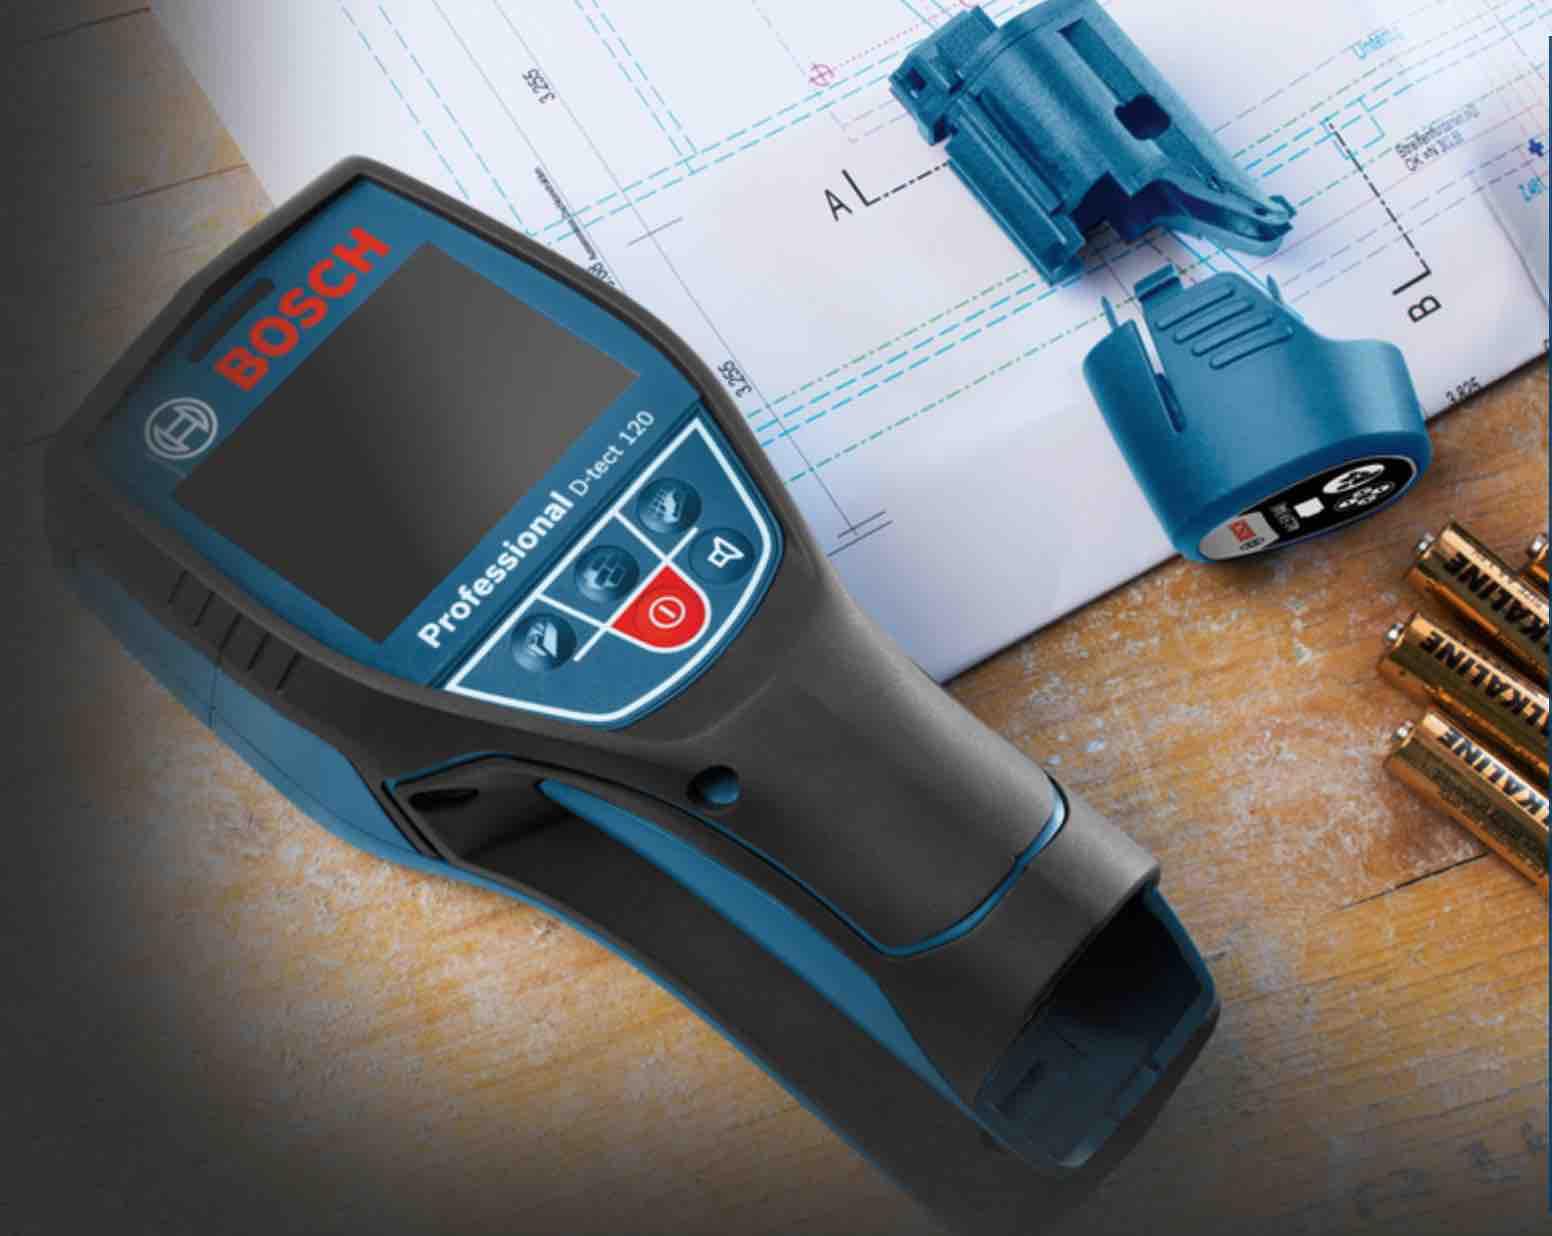 bosch-d-tect-120-wall-scanner-professional-.jpg